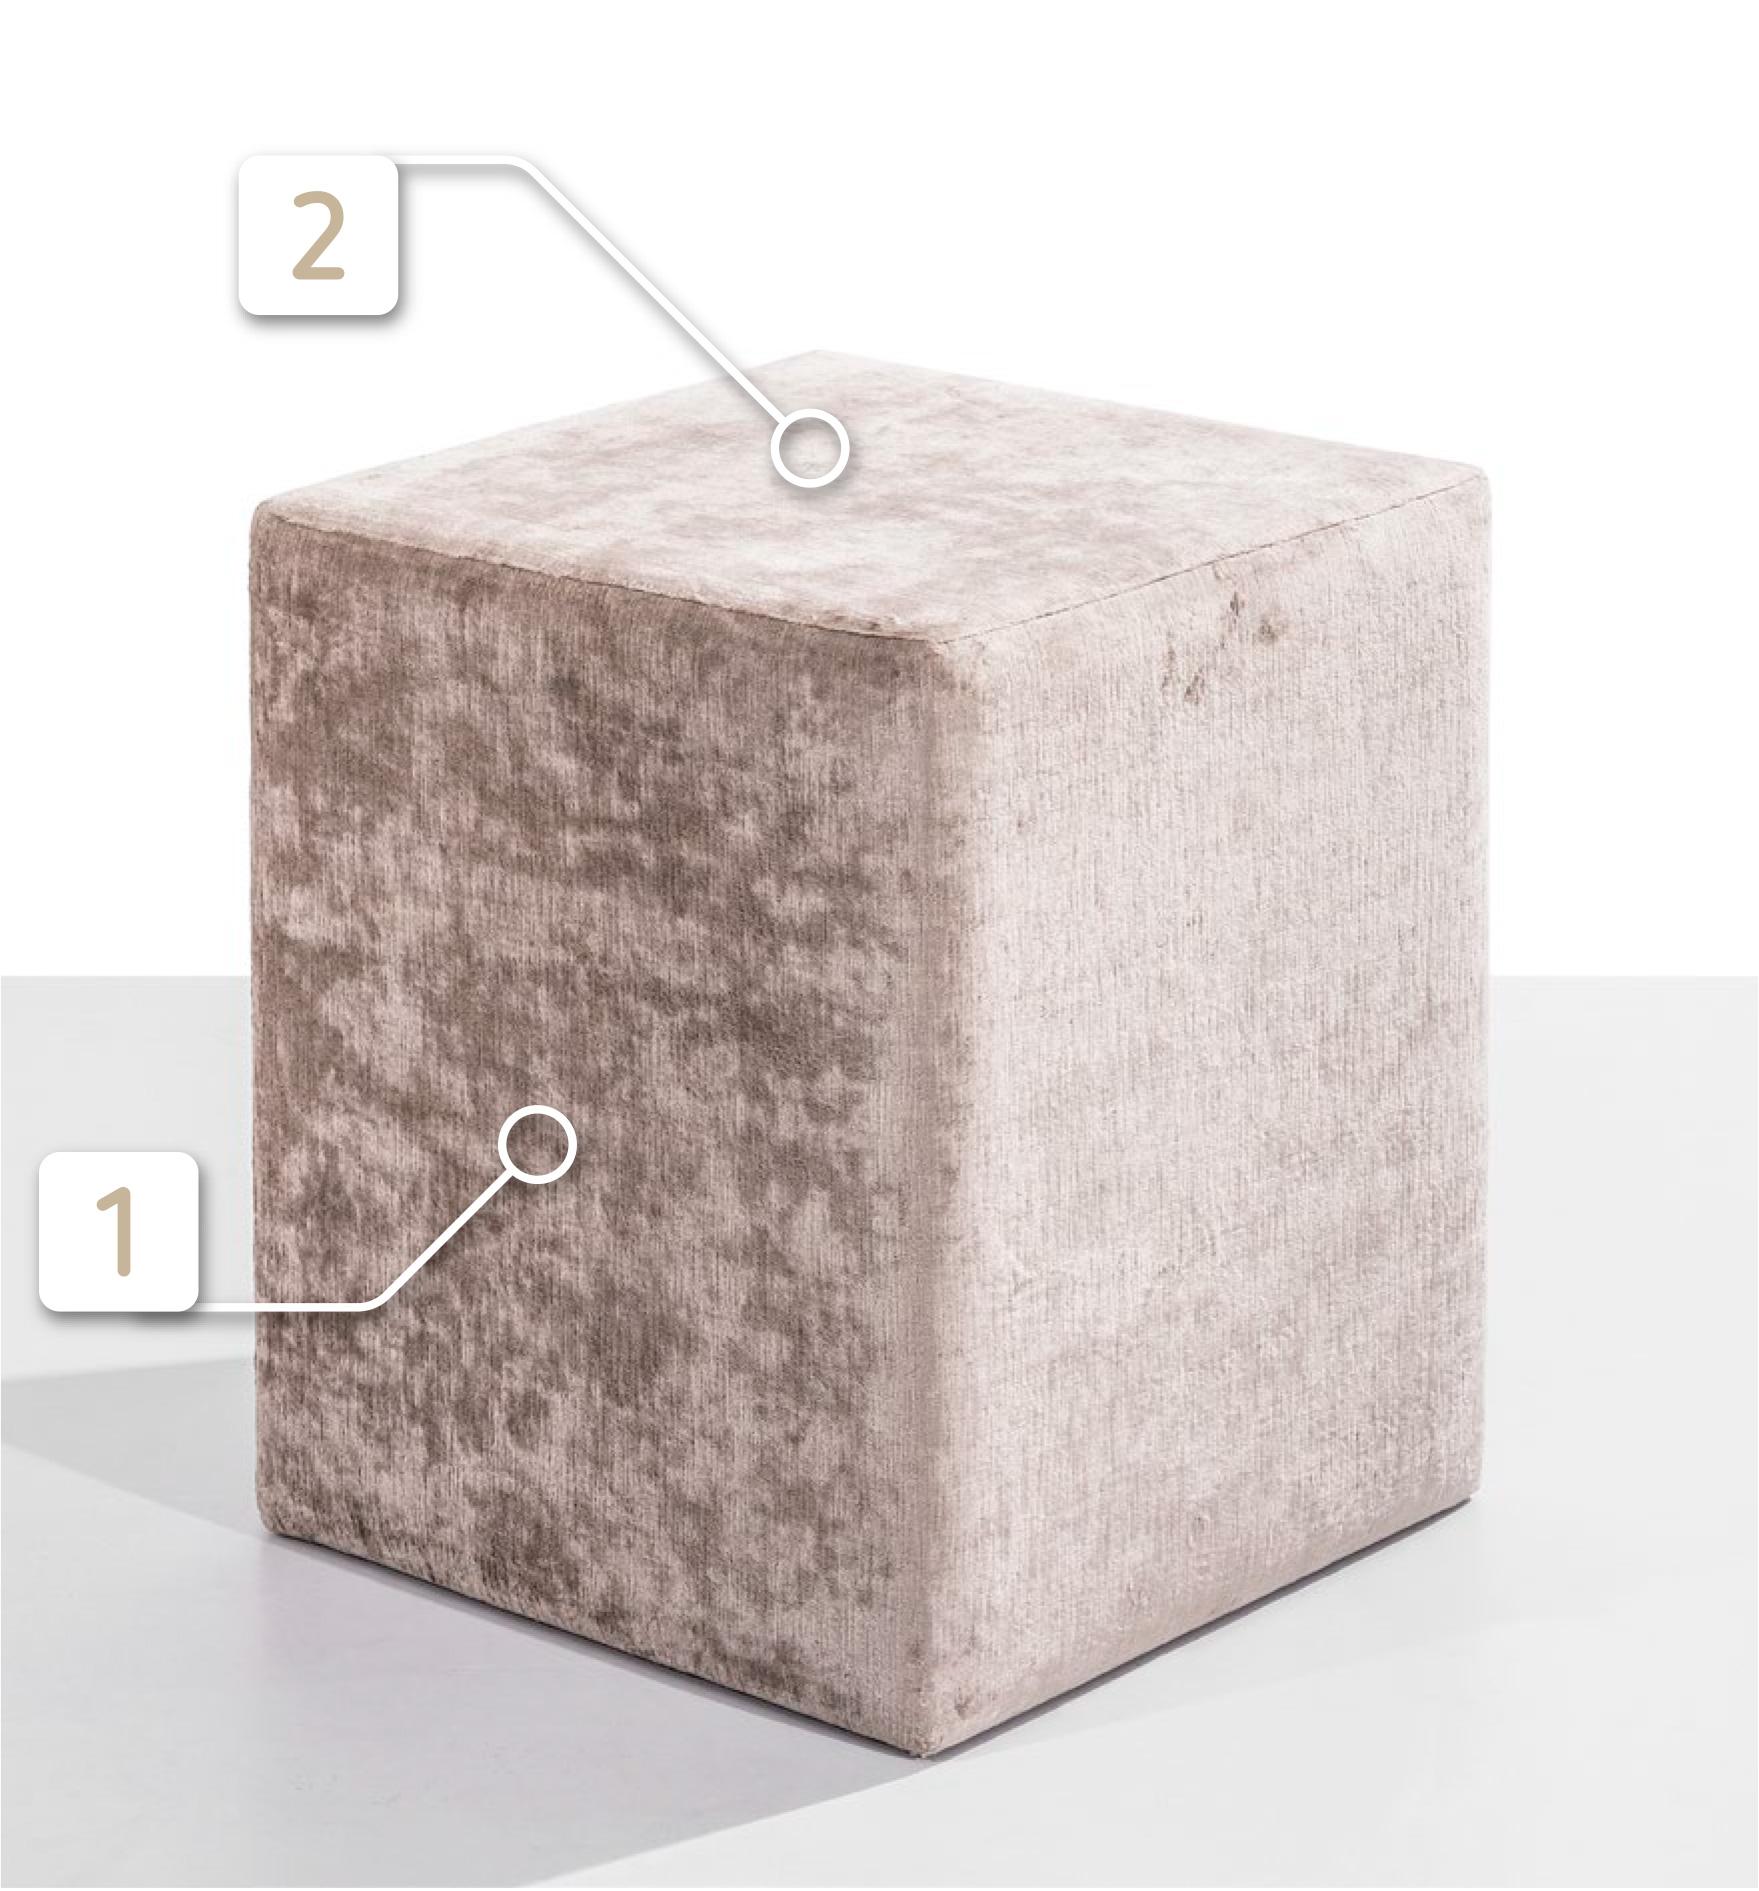 Cubic bedsisde table by Colunex cubic Cubic colunex bedside table cubic costum